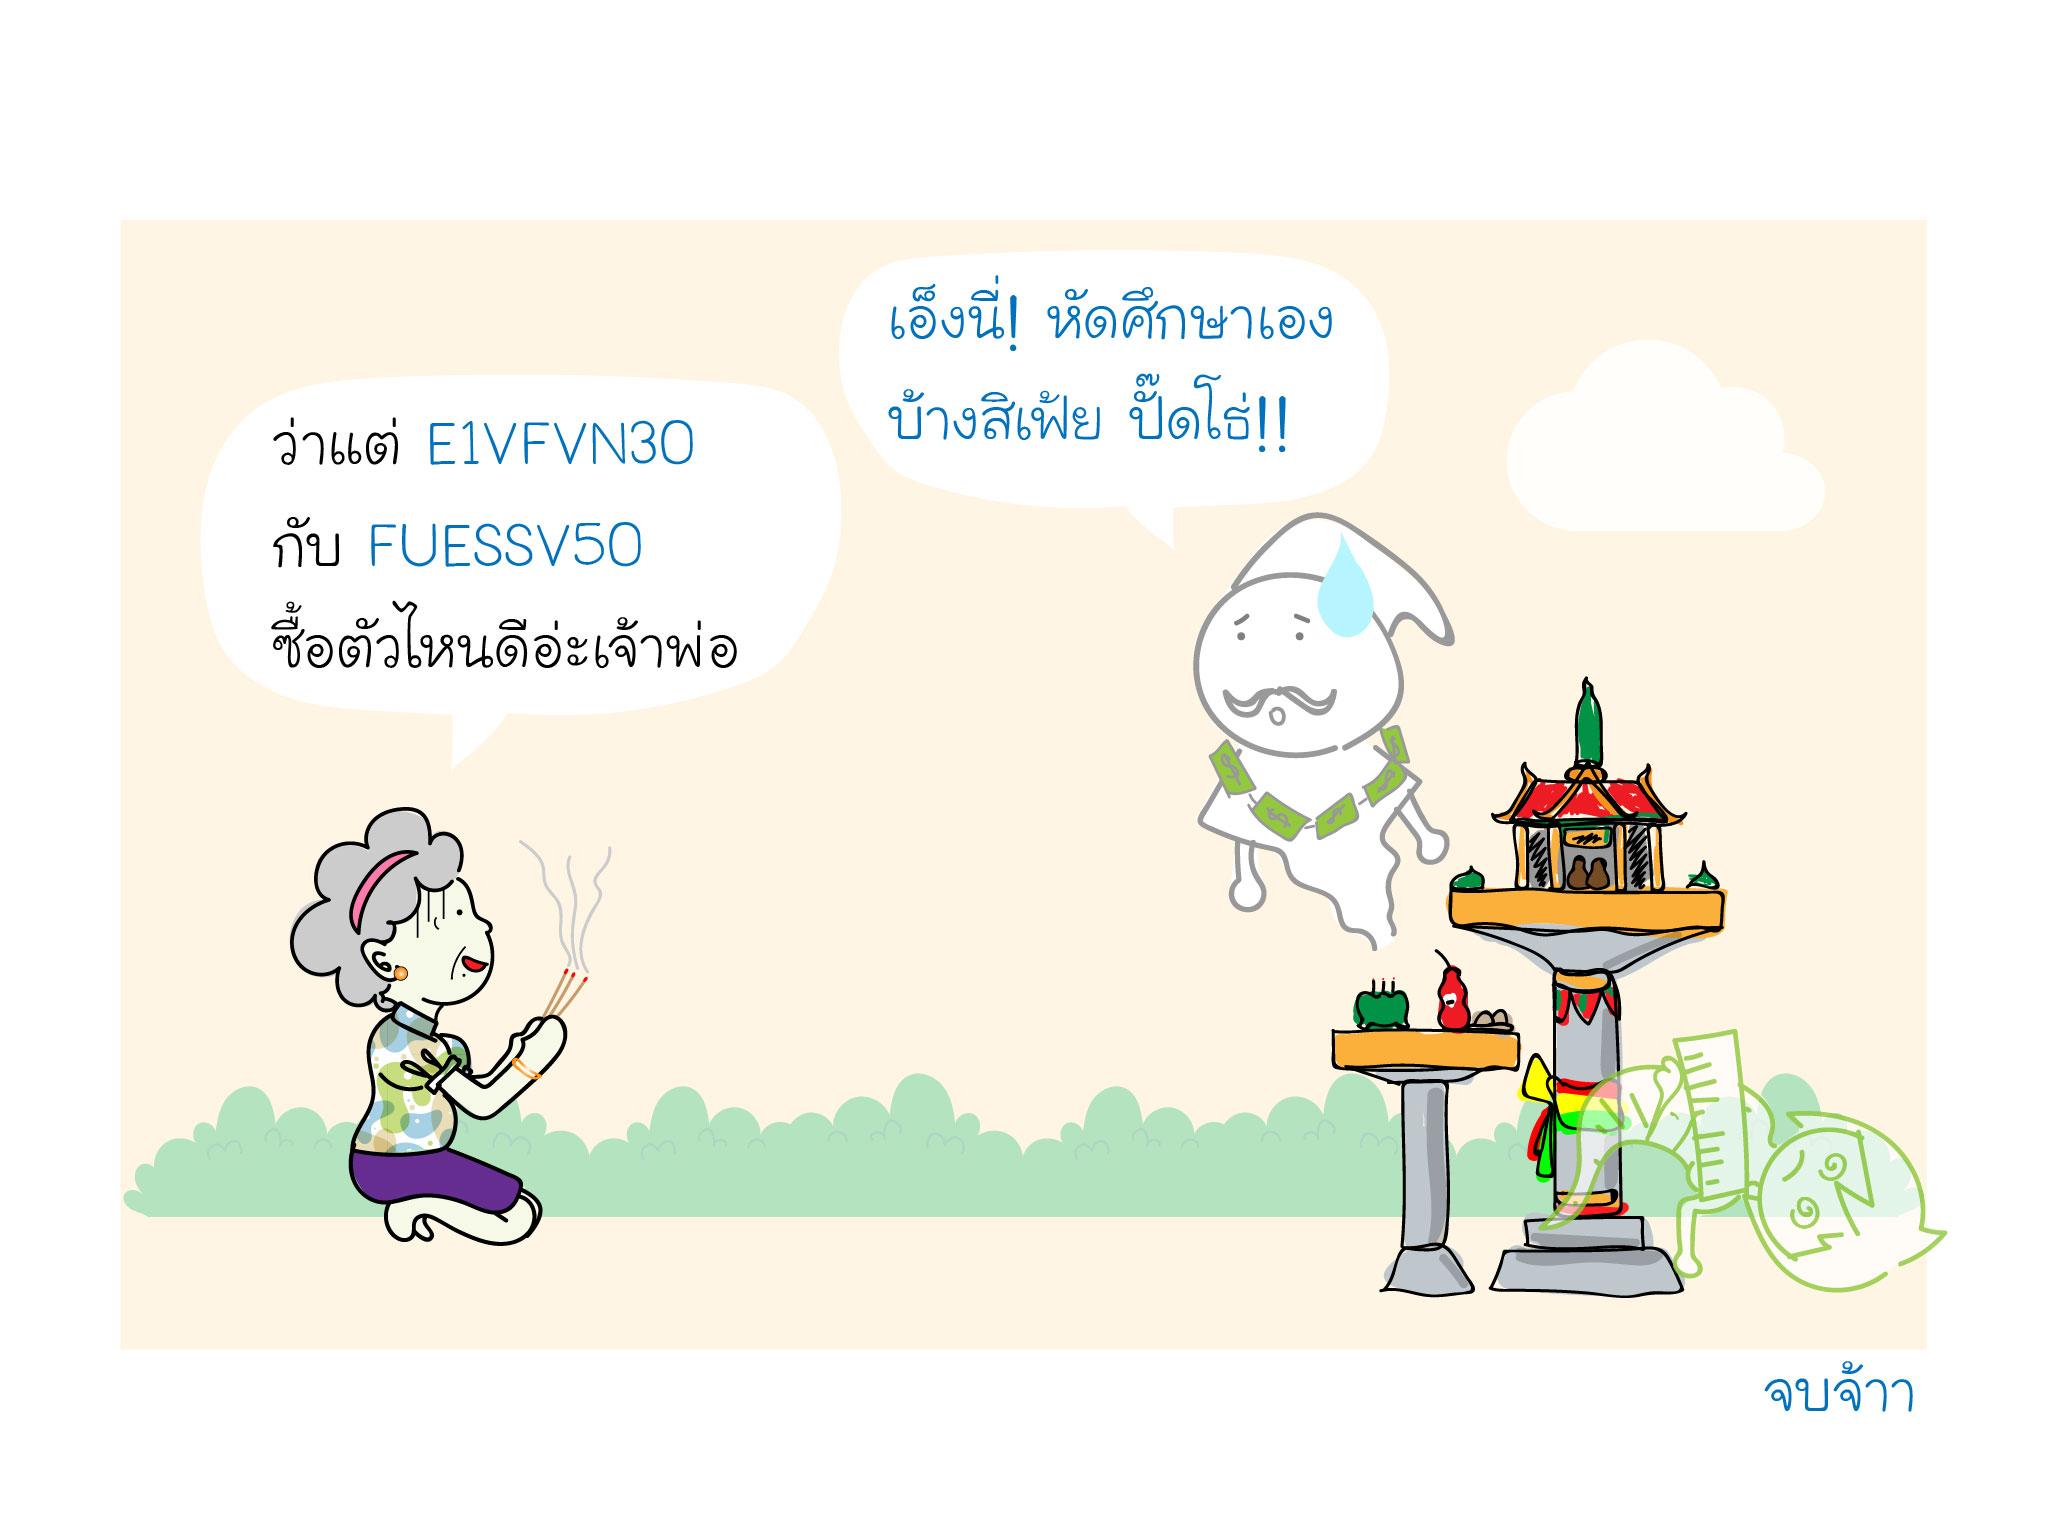 ศาลเจ้าพ่อลงทุน - FSS-VNtrade_Artboard 1 copy 16